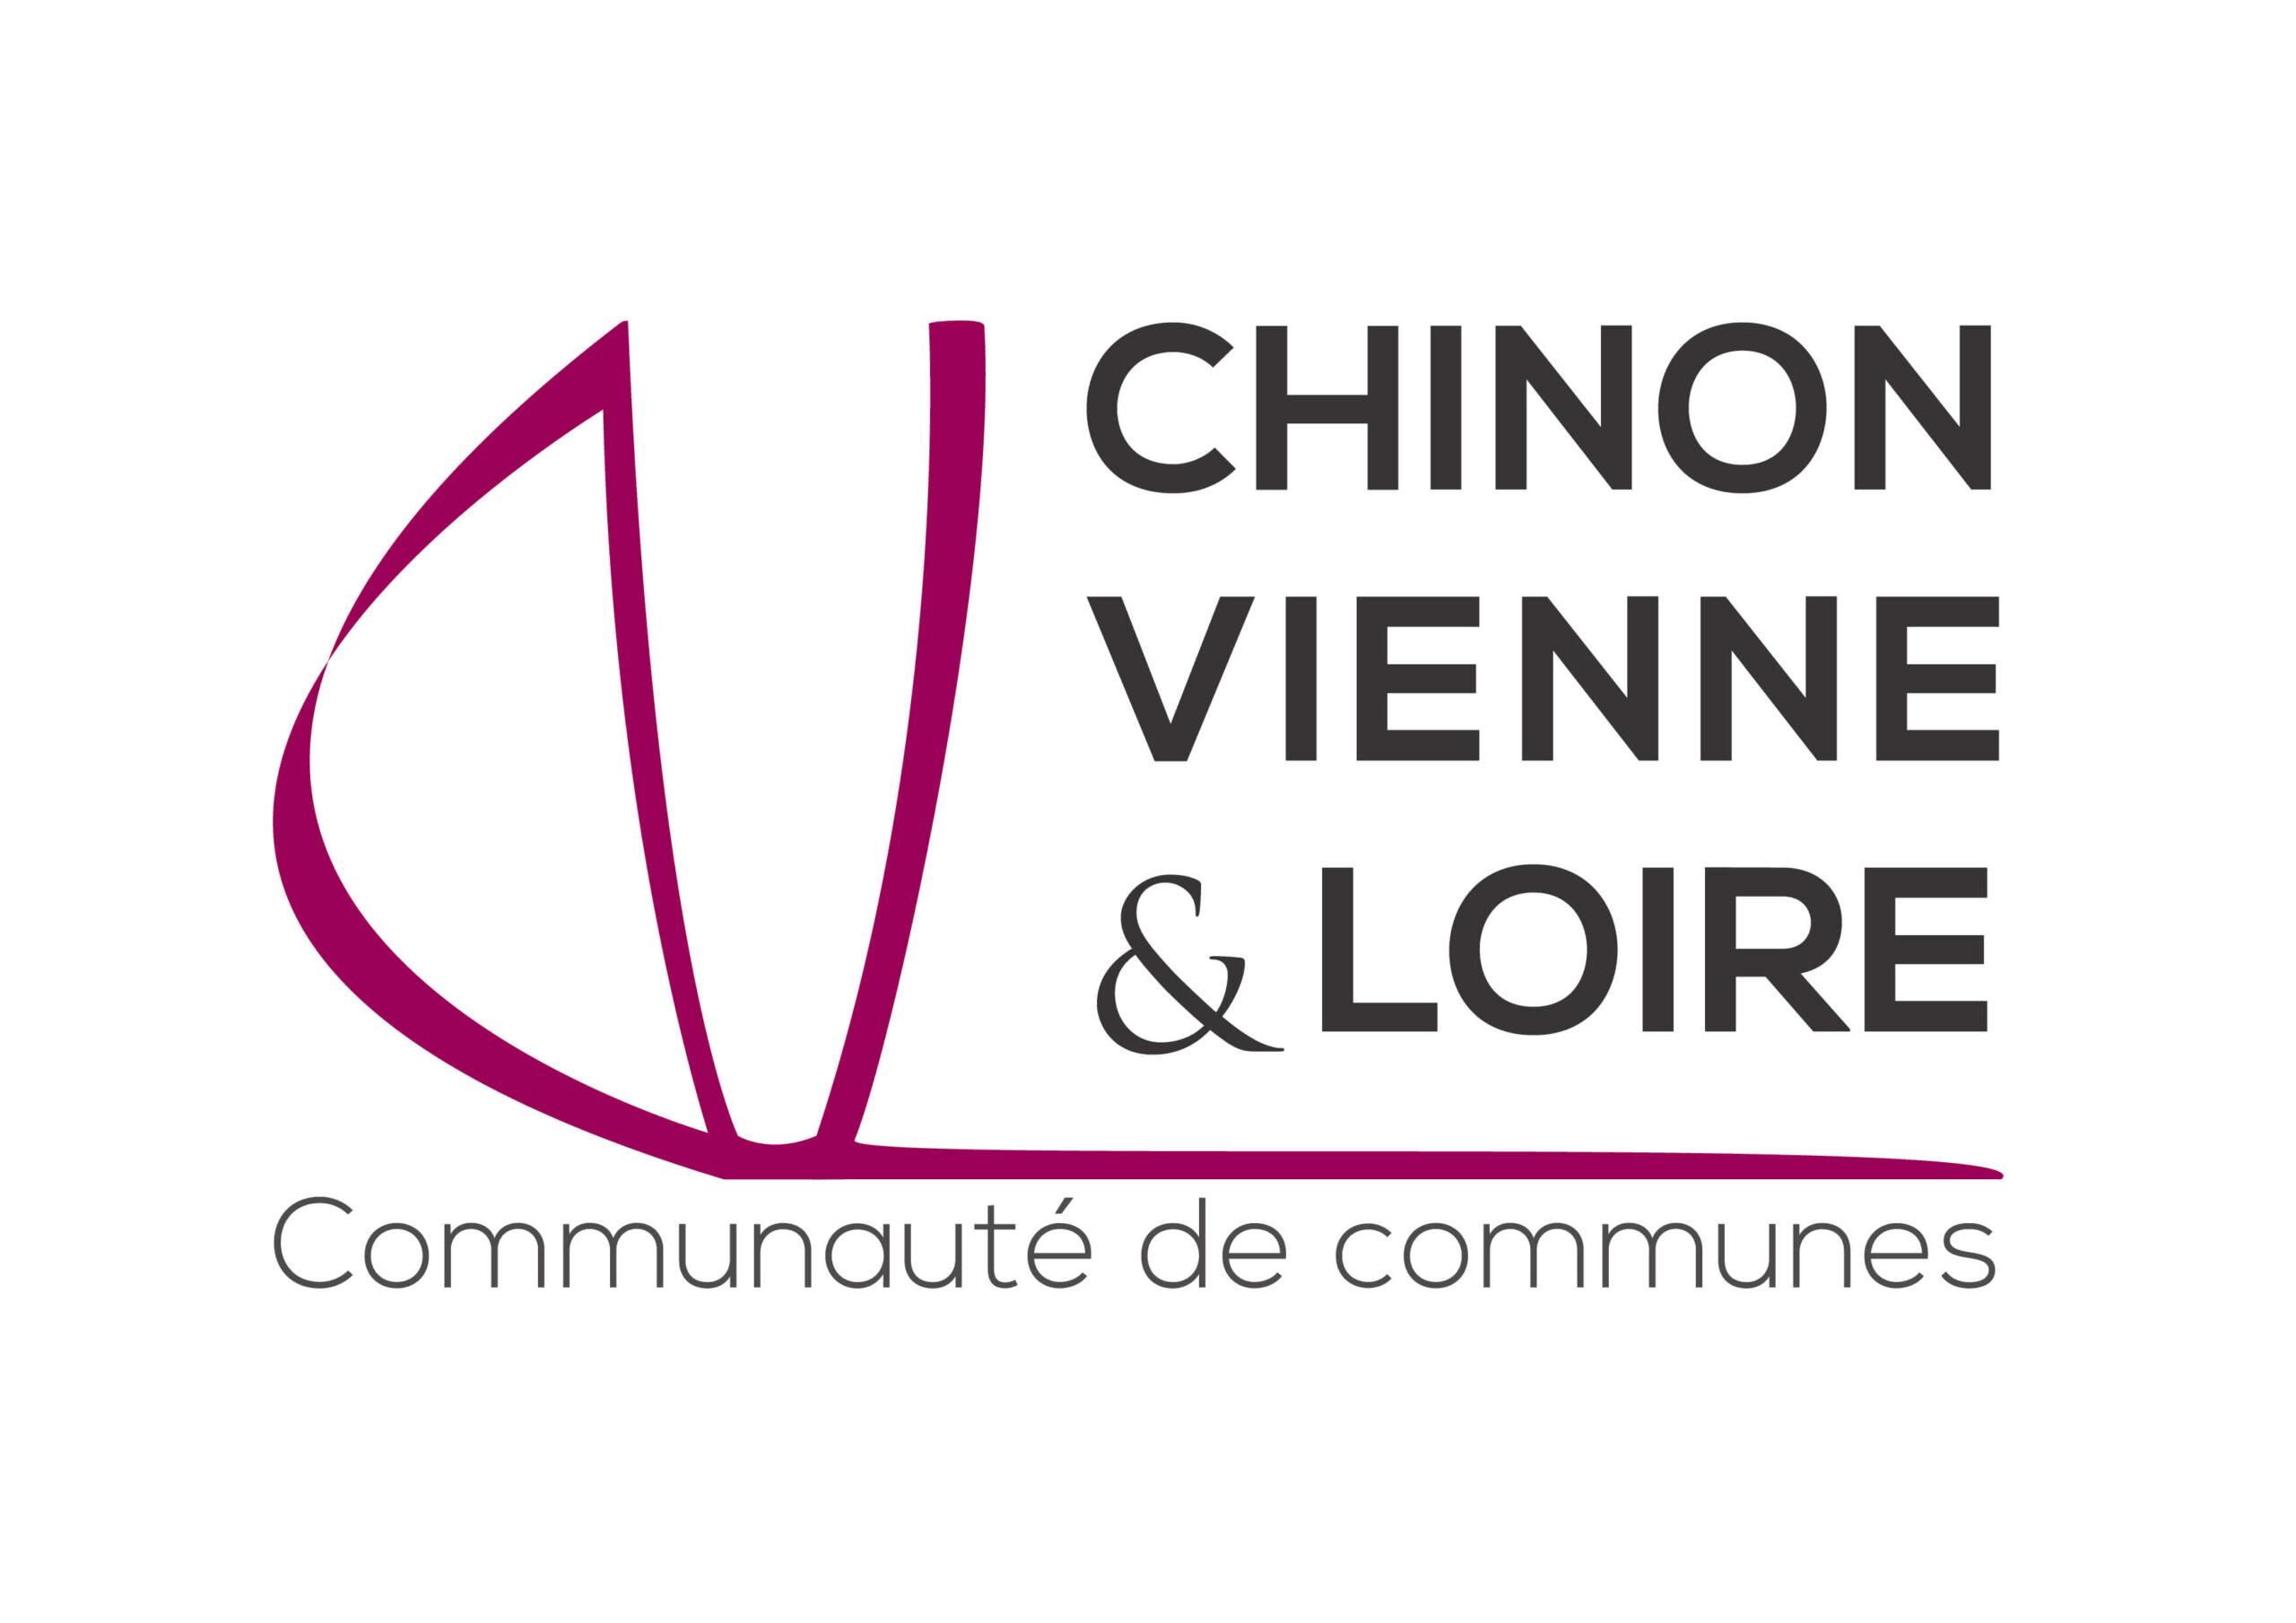 Logo Communauté de communes de Chinon Vienne